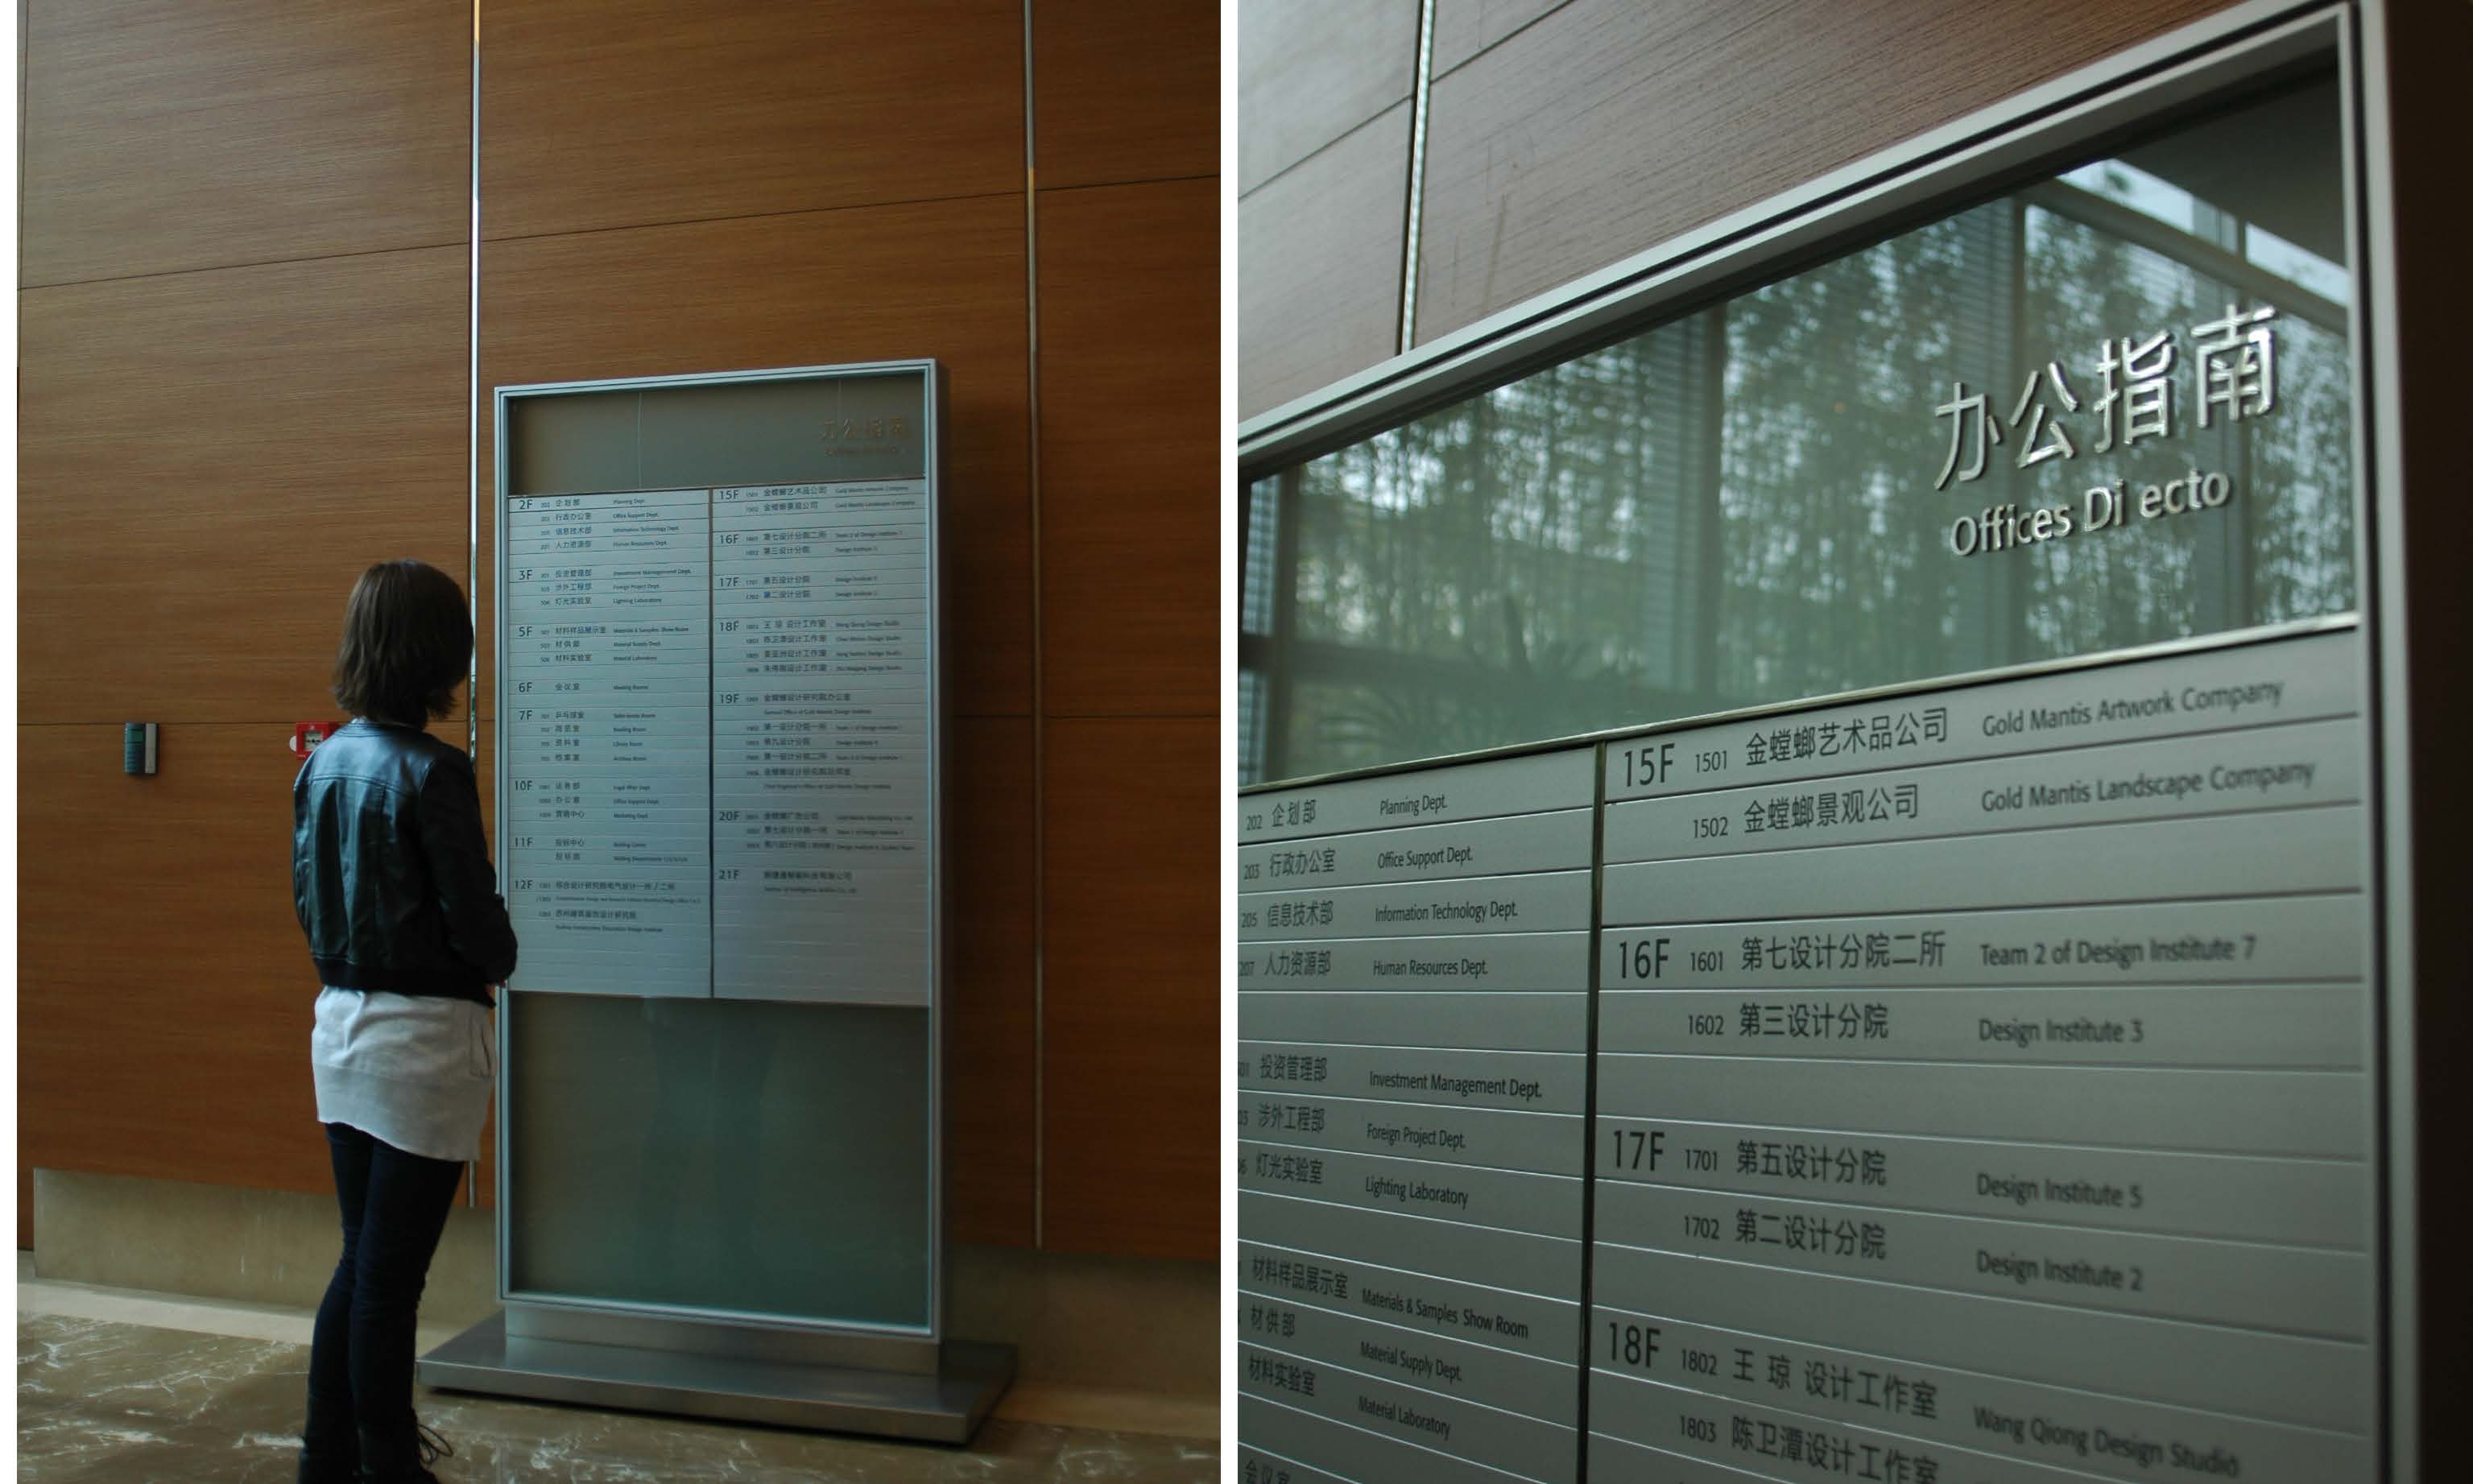 办公室门牌设计/个人牌/卫生间标识 消防警示牌/楼层系统标识